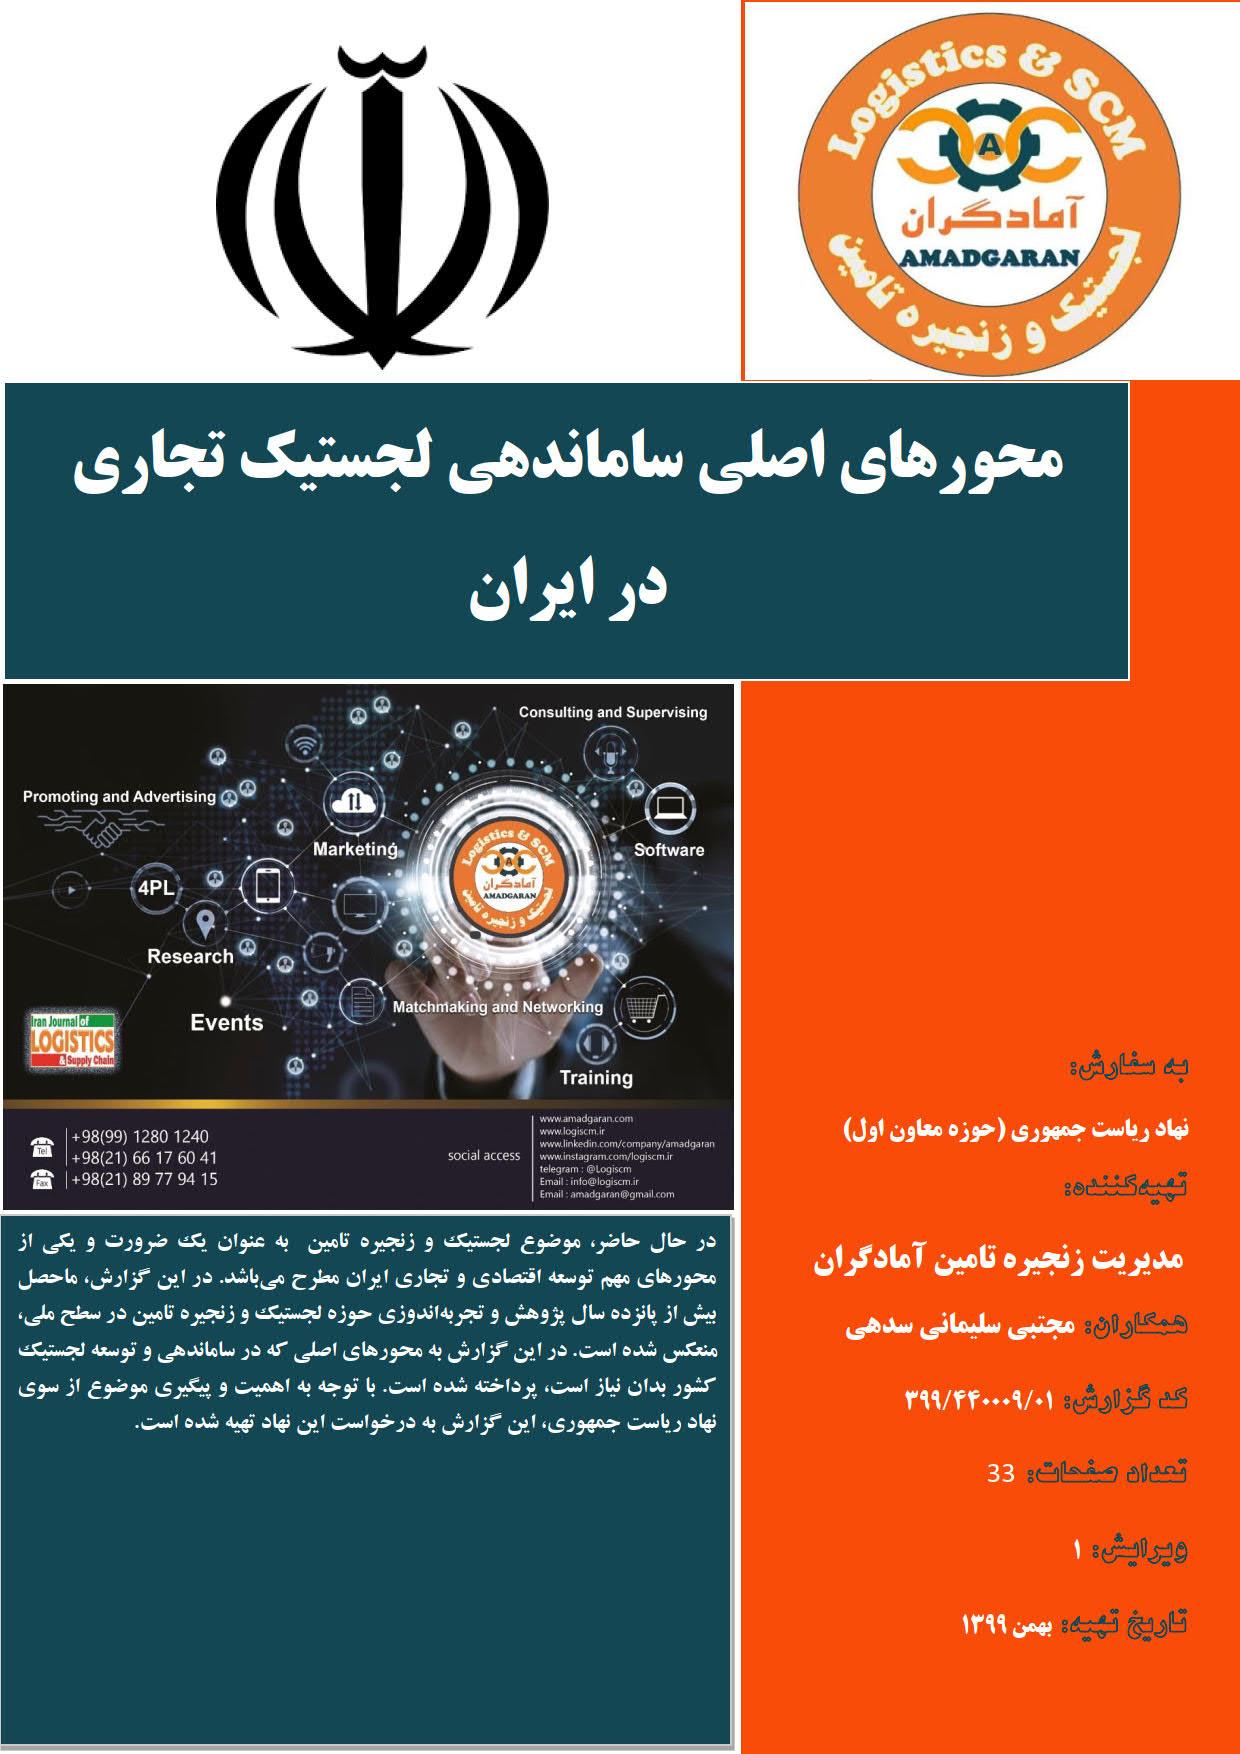 محورهای اصلی ساماندهی لجستیک تجاری در ایران